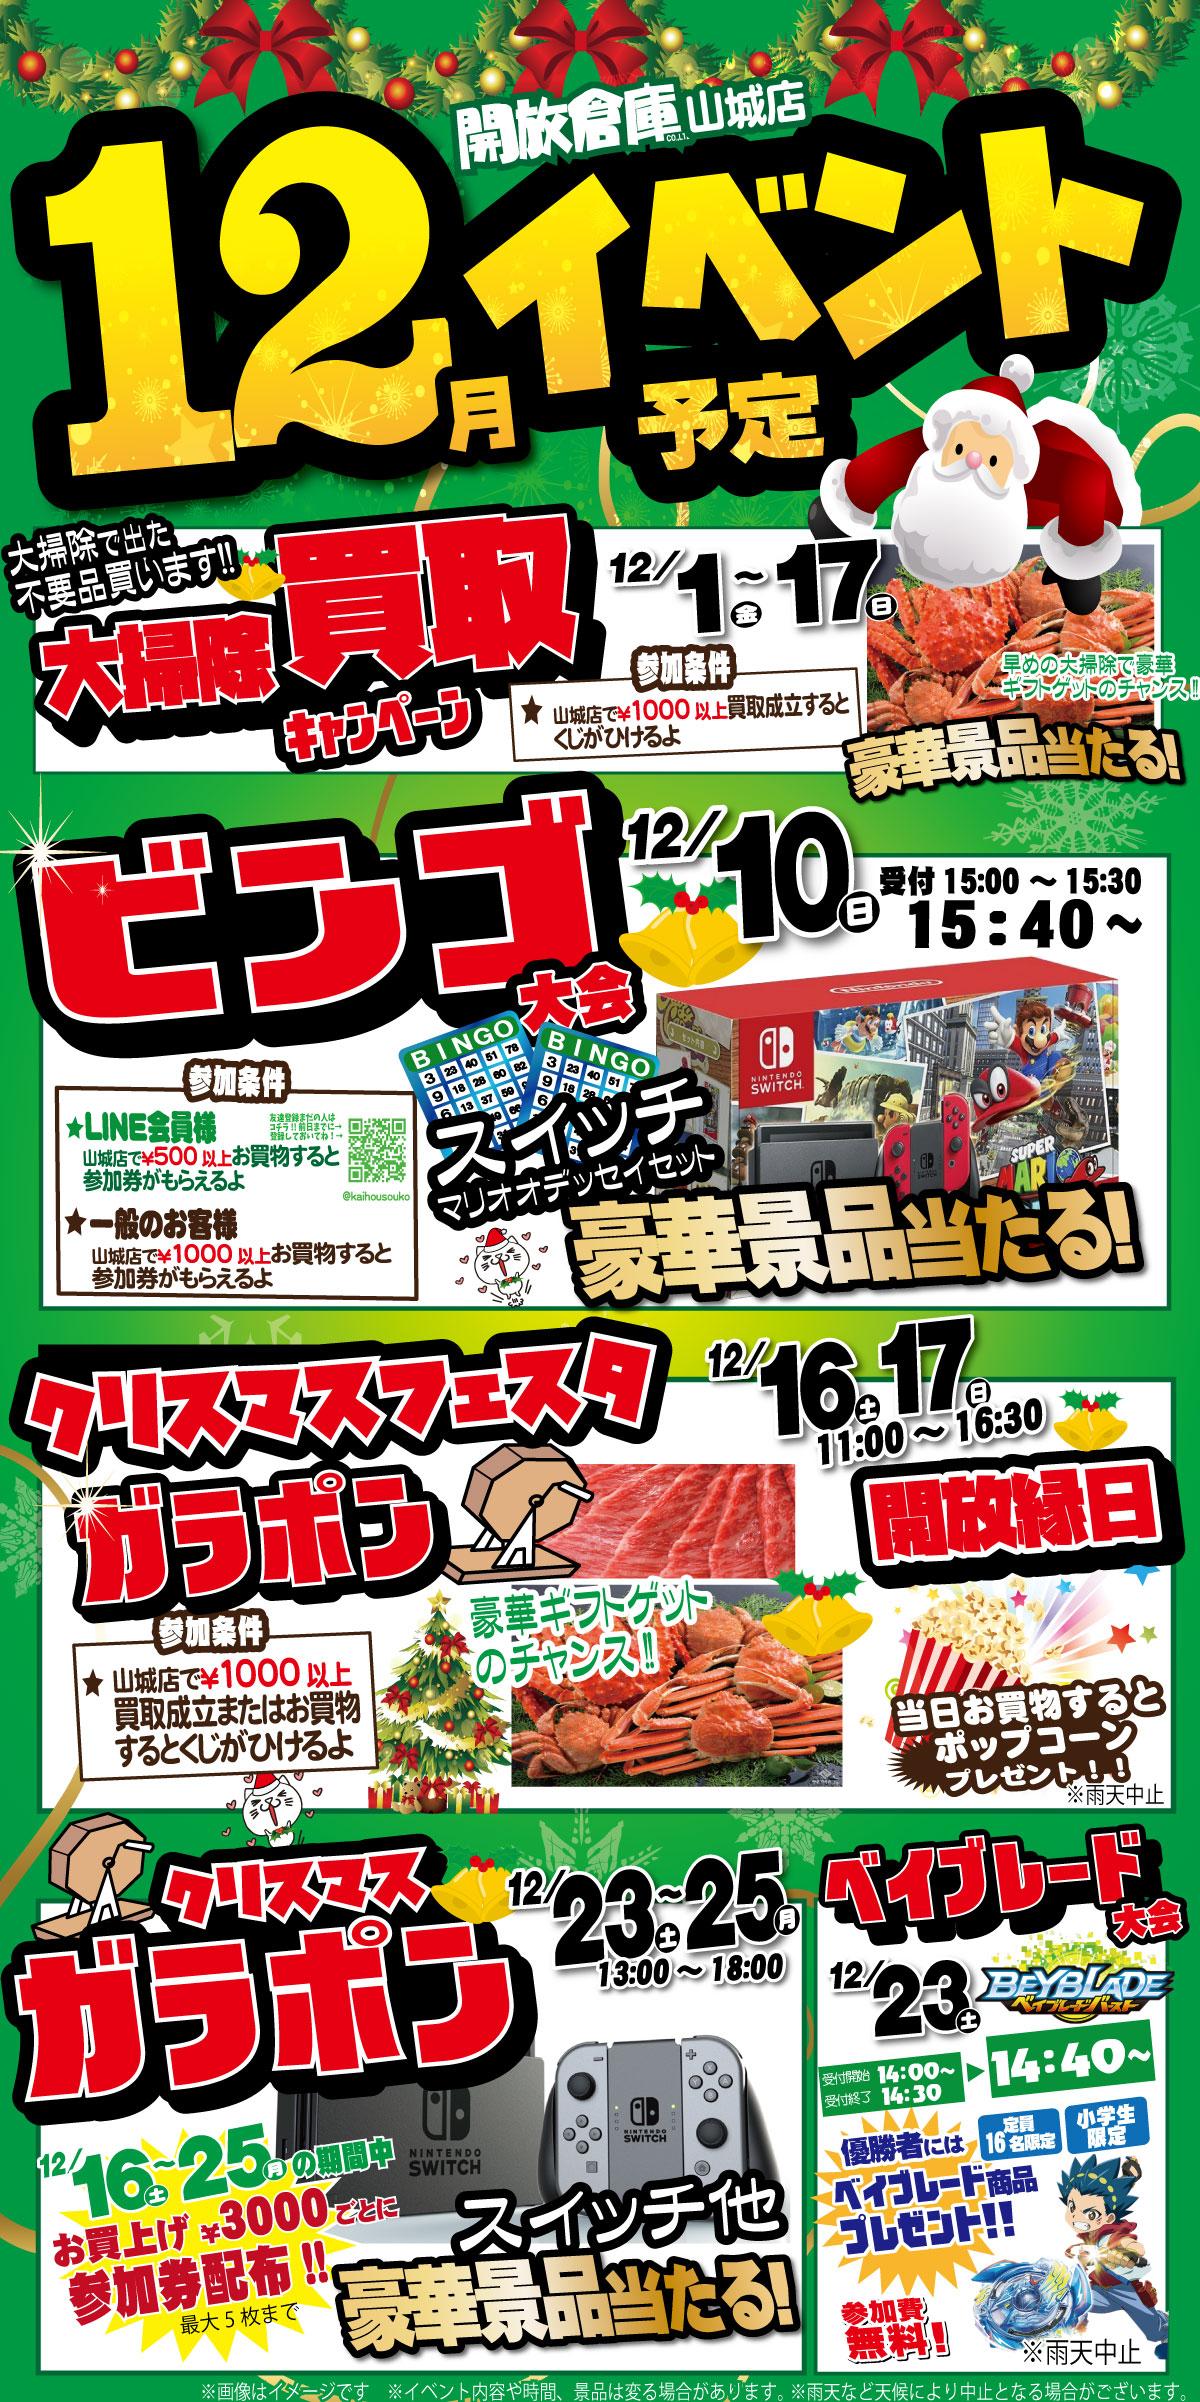 「開放倉庫山城店」2017年12月のイベント予定表を更新しました!